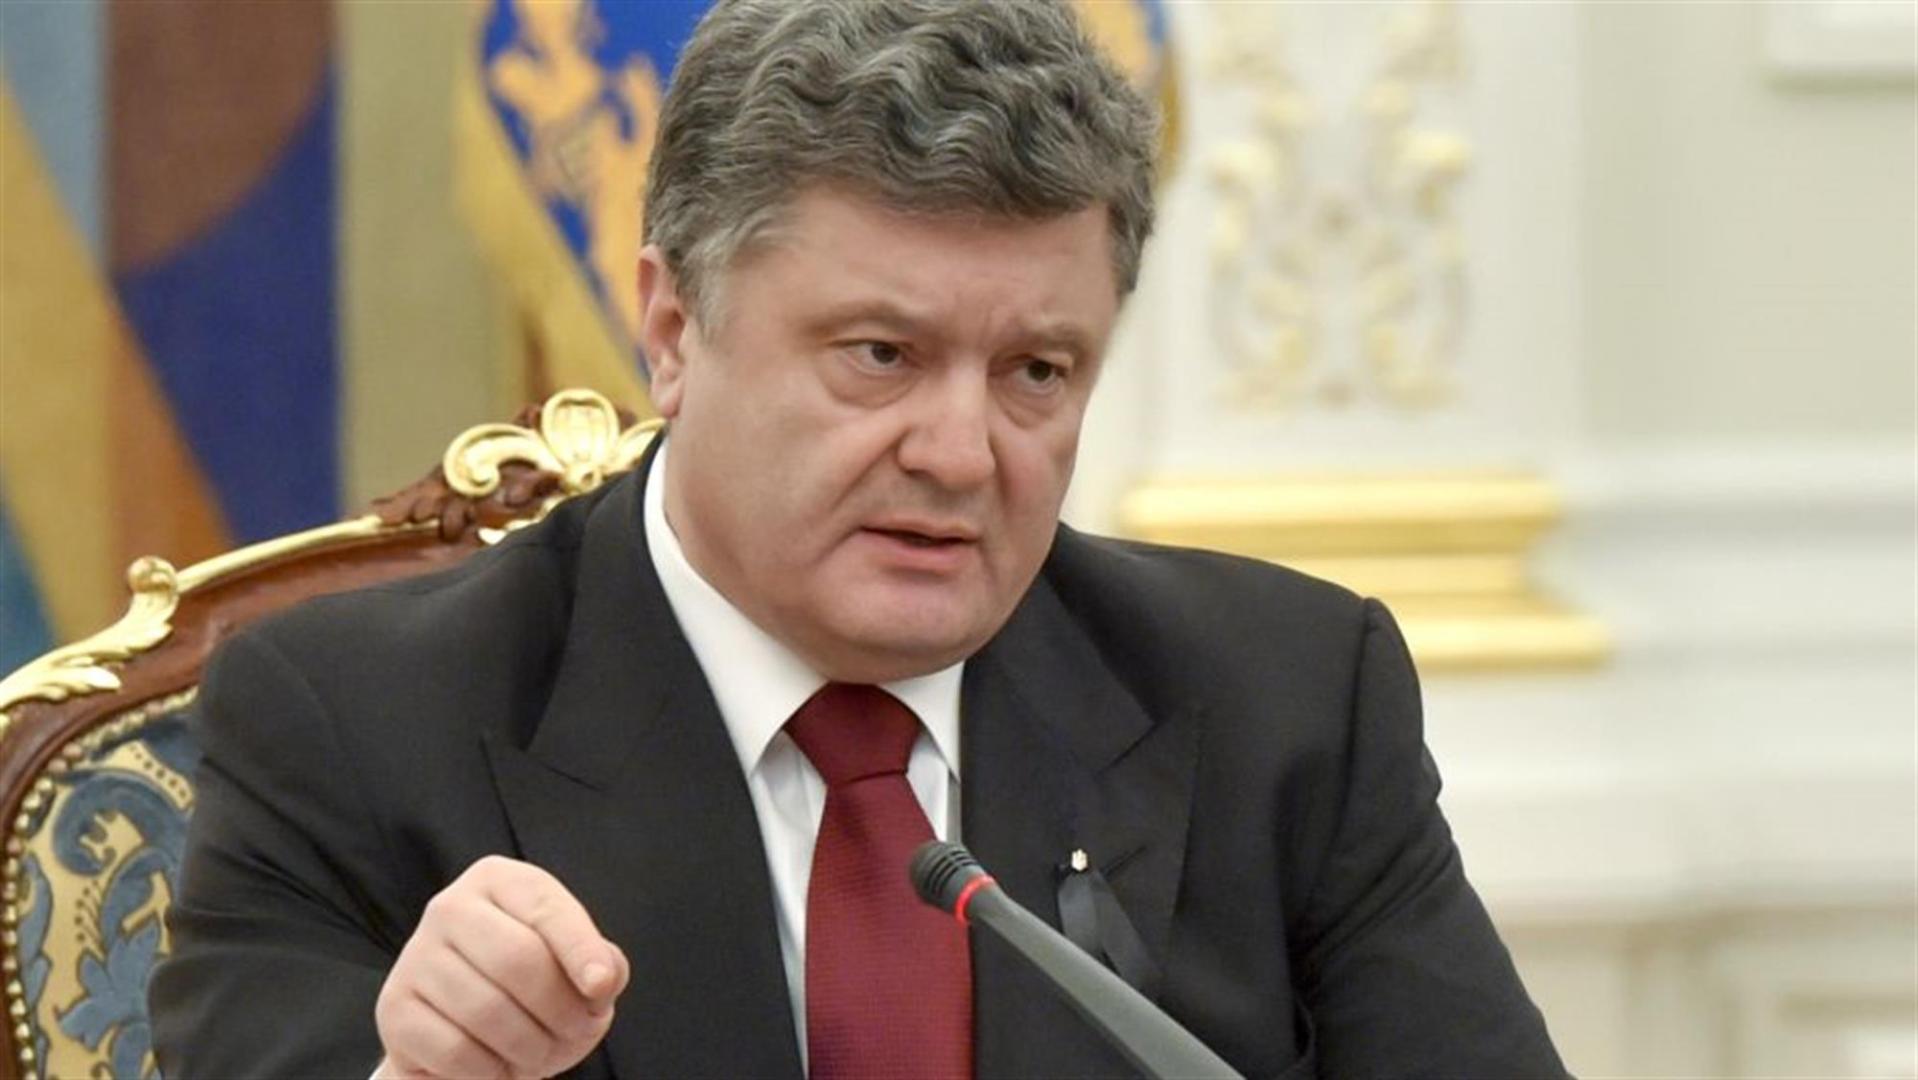 Liderul de la Kiev, Petro Poroșenko, visează la integrarea euro-atlantică